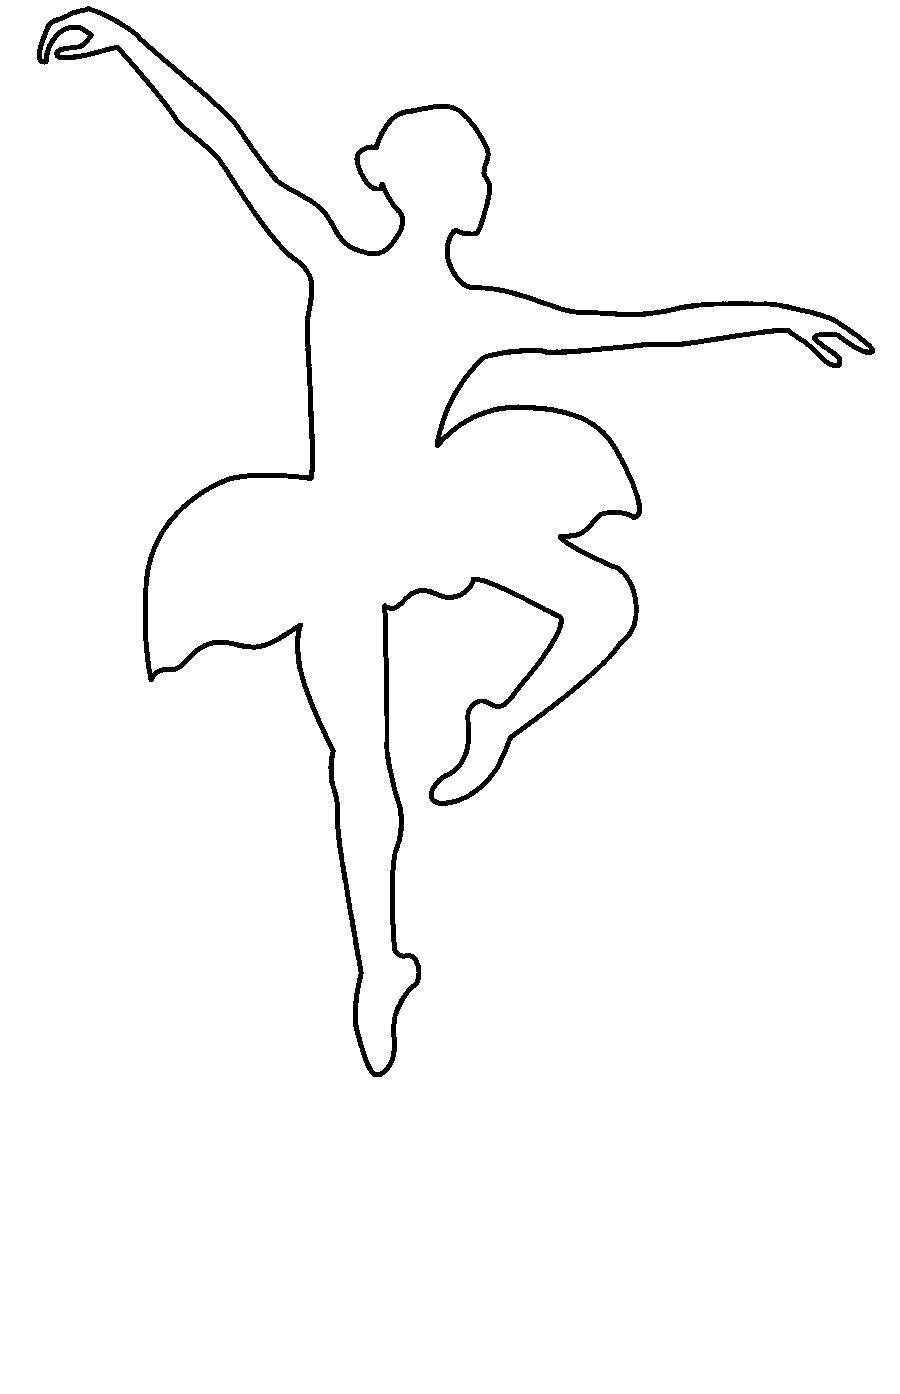 Раскраска Контур балерины Скачать Балерина, балет.  Распечатать ,балерина,